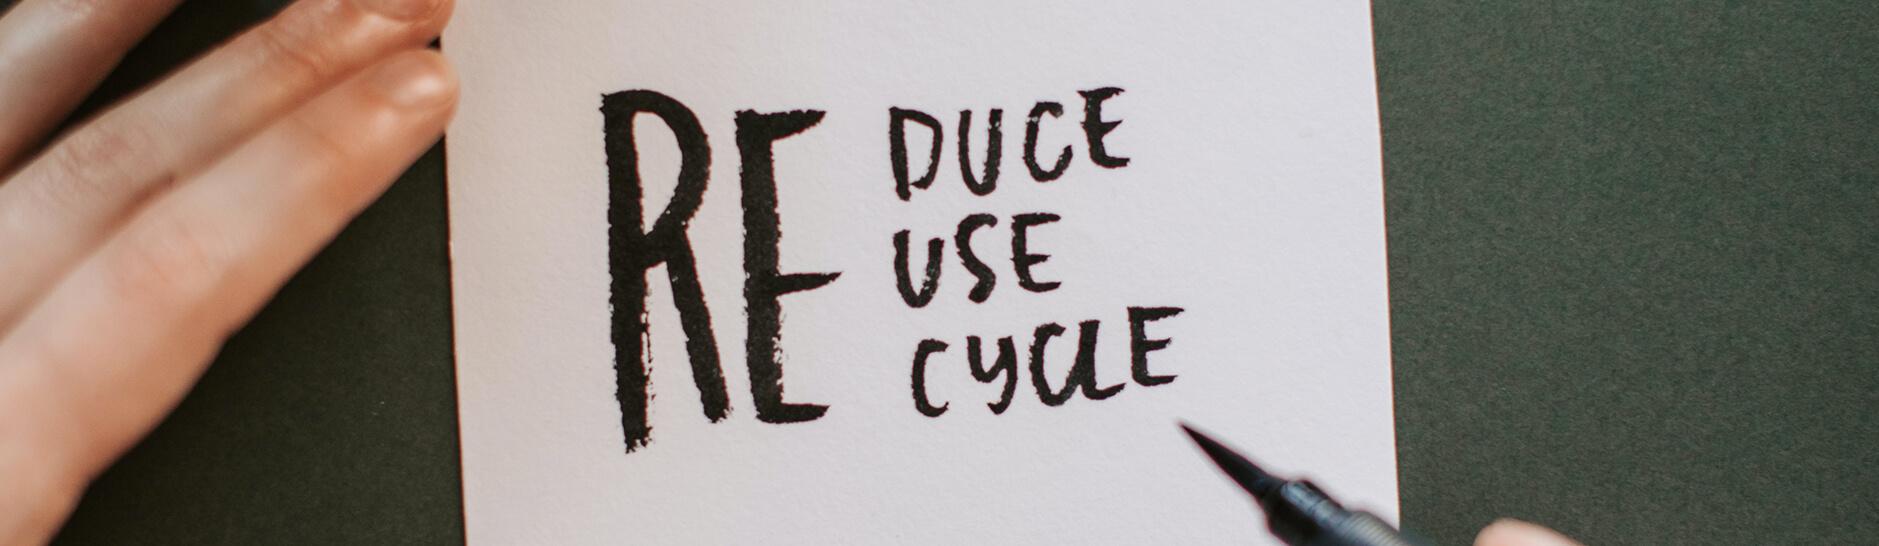 Papel reciclado: Por qué usarlo